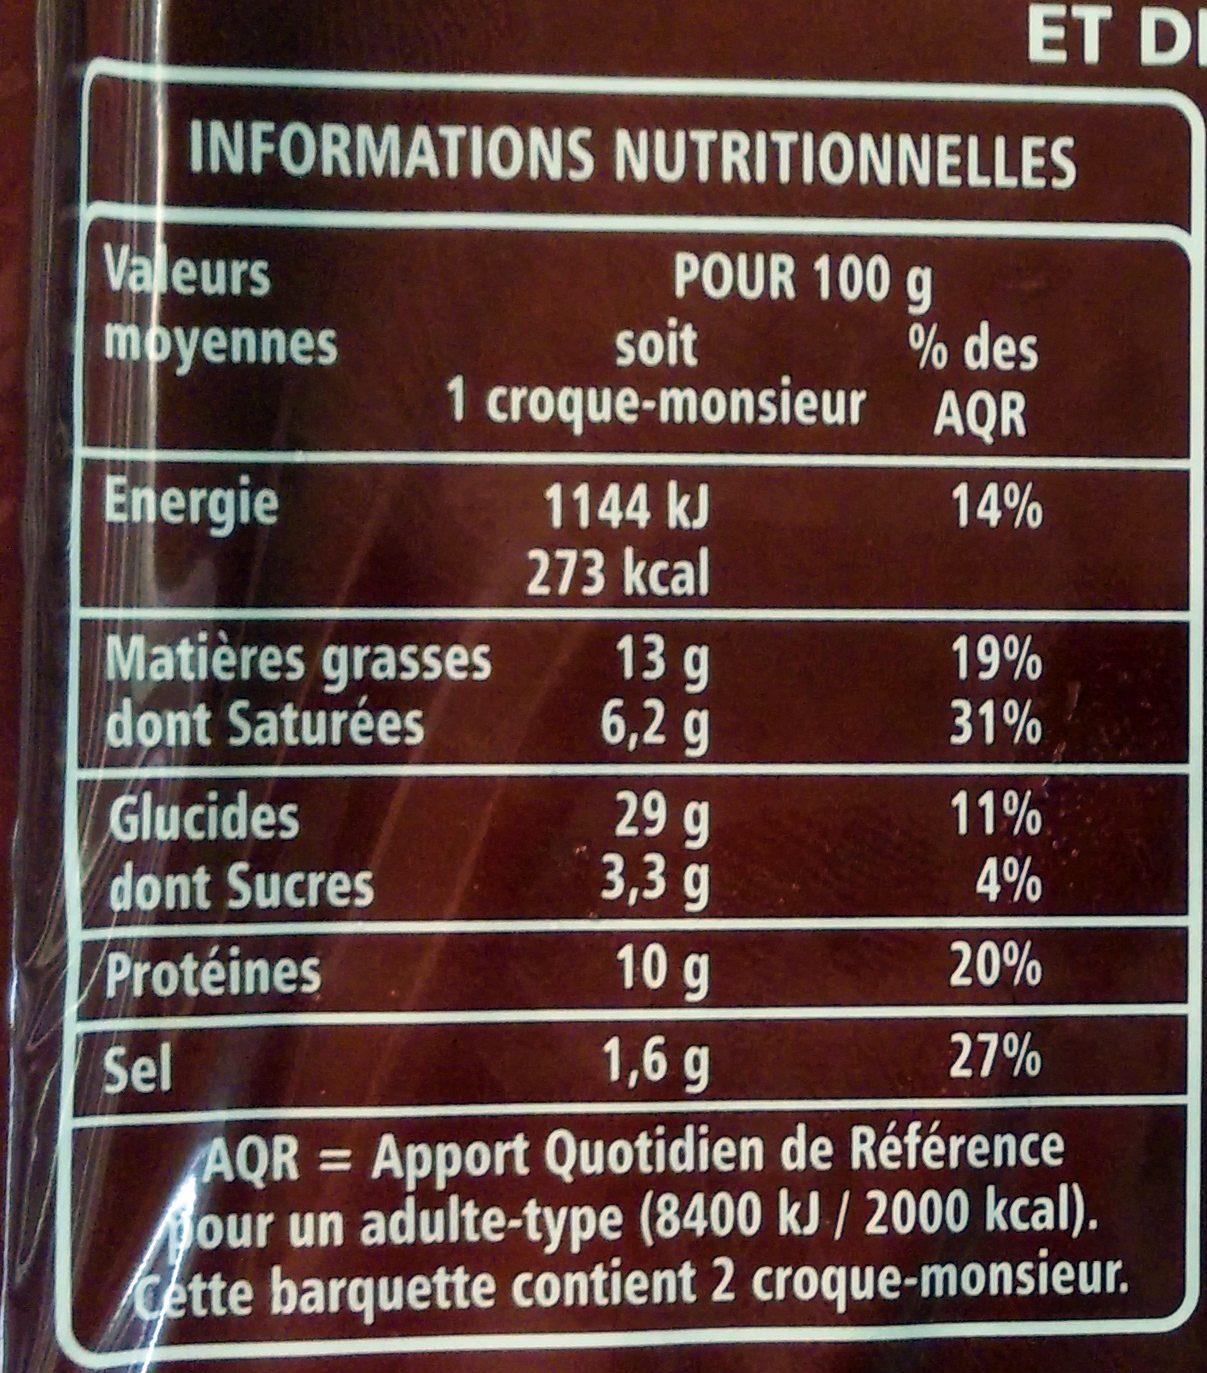 Croque-monsieur A poêler - Informations nutritionnelles - fr